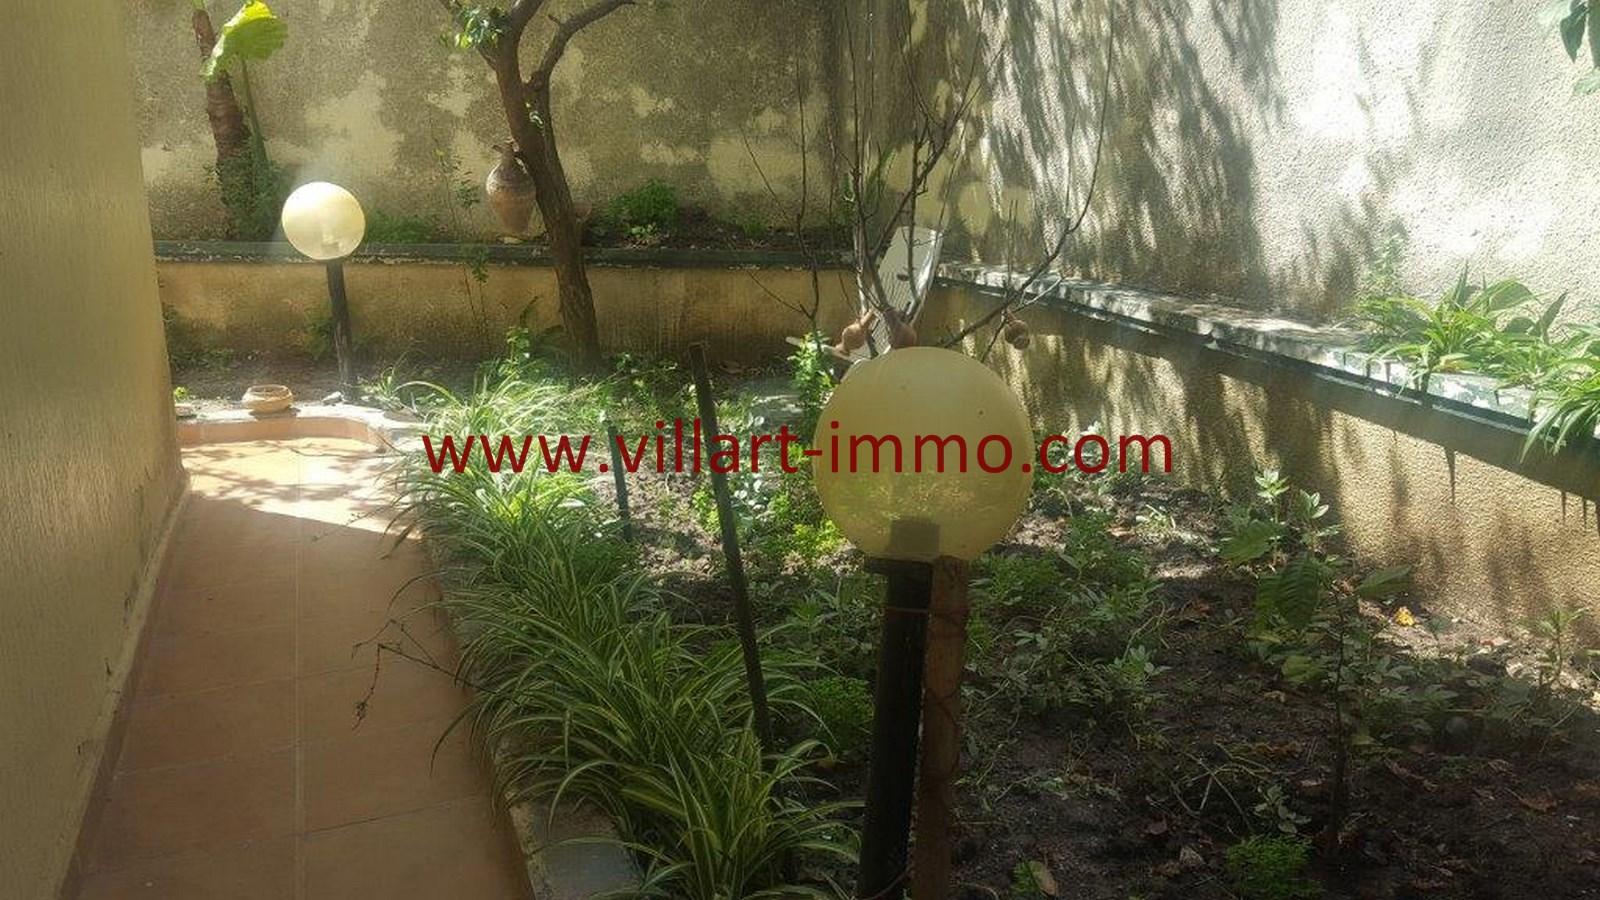 19-Vente-Villa-Tanger-Moujahidin-Jardin 1-VV491-Villart Immo